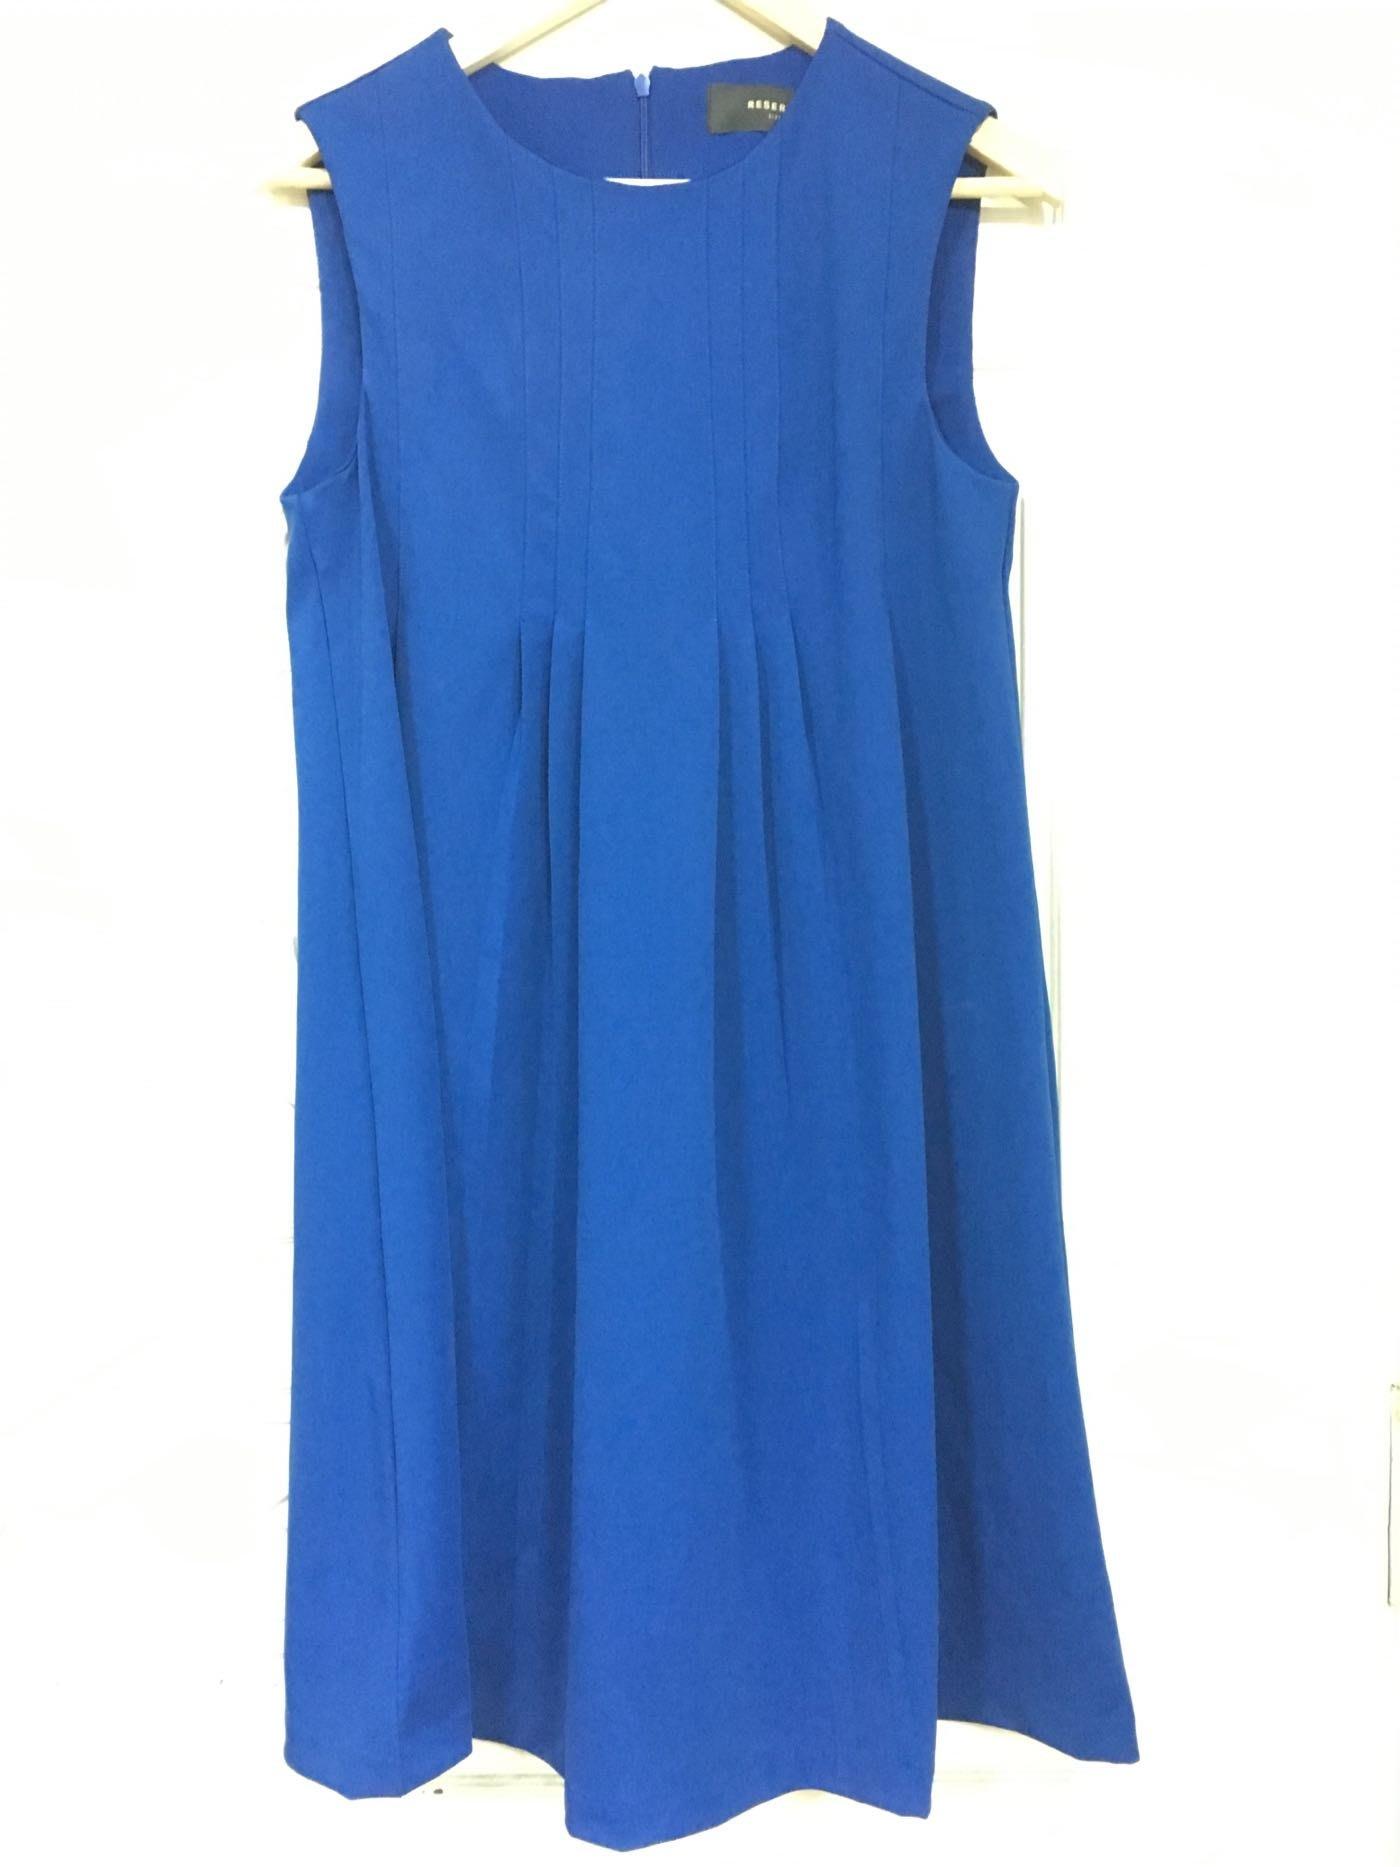 歐洲快時尚品牌RESERVED  貴族藍輕雅洋裝